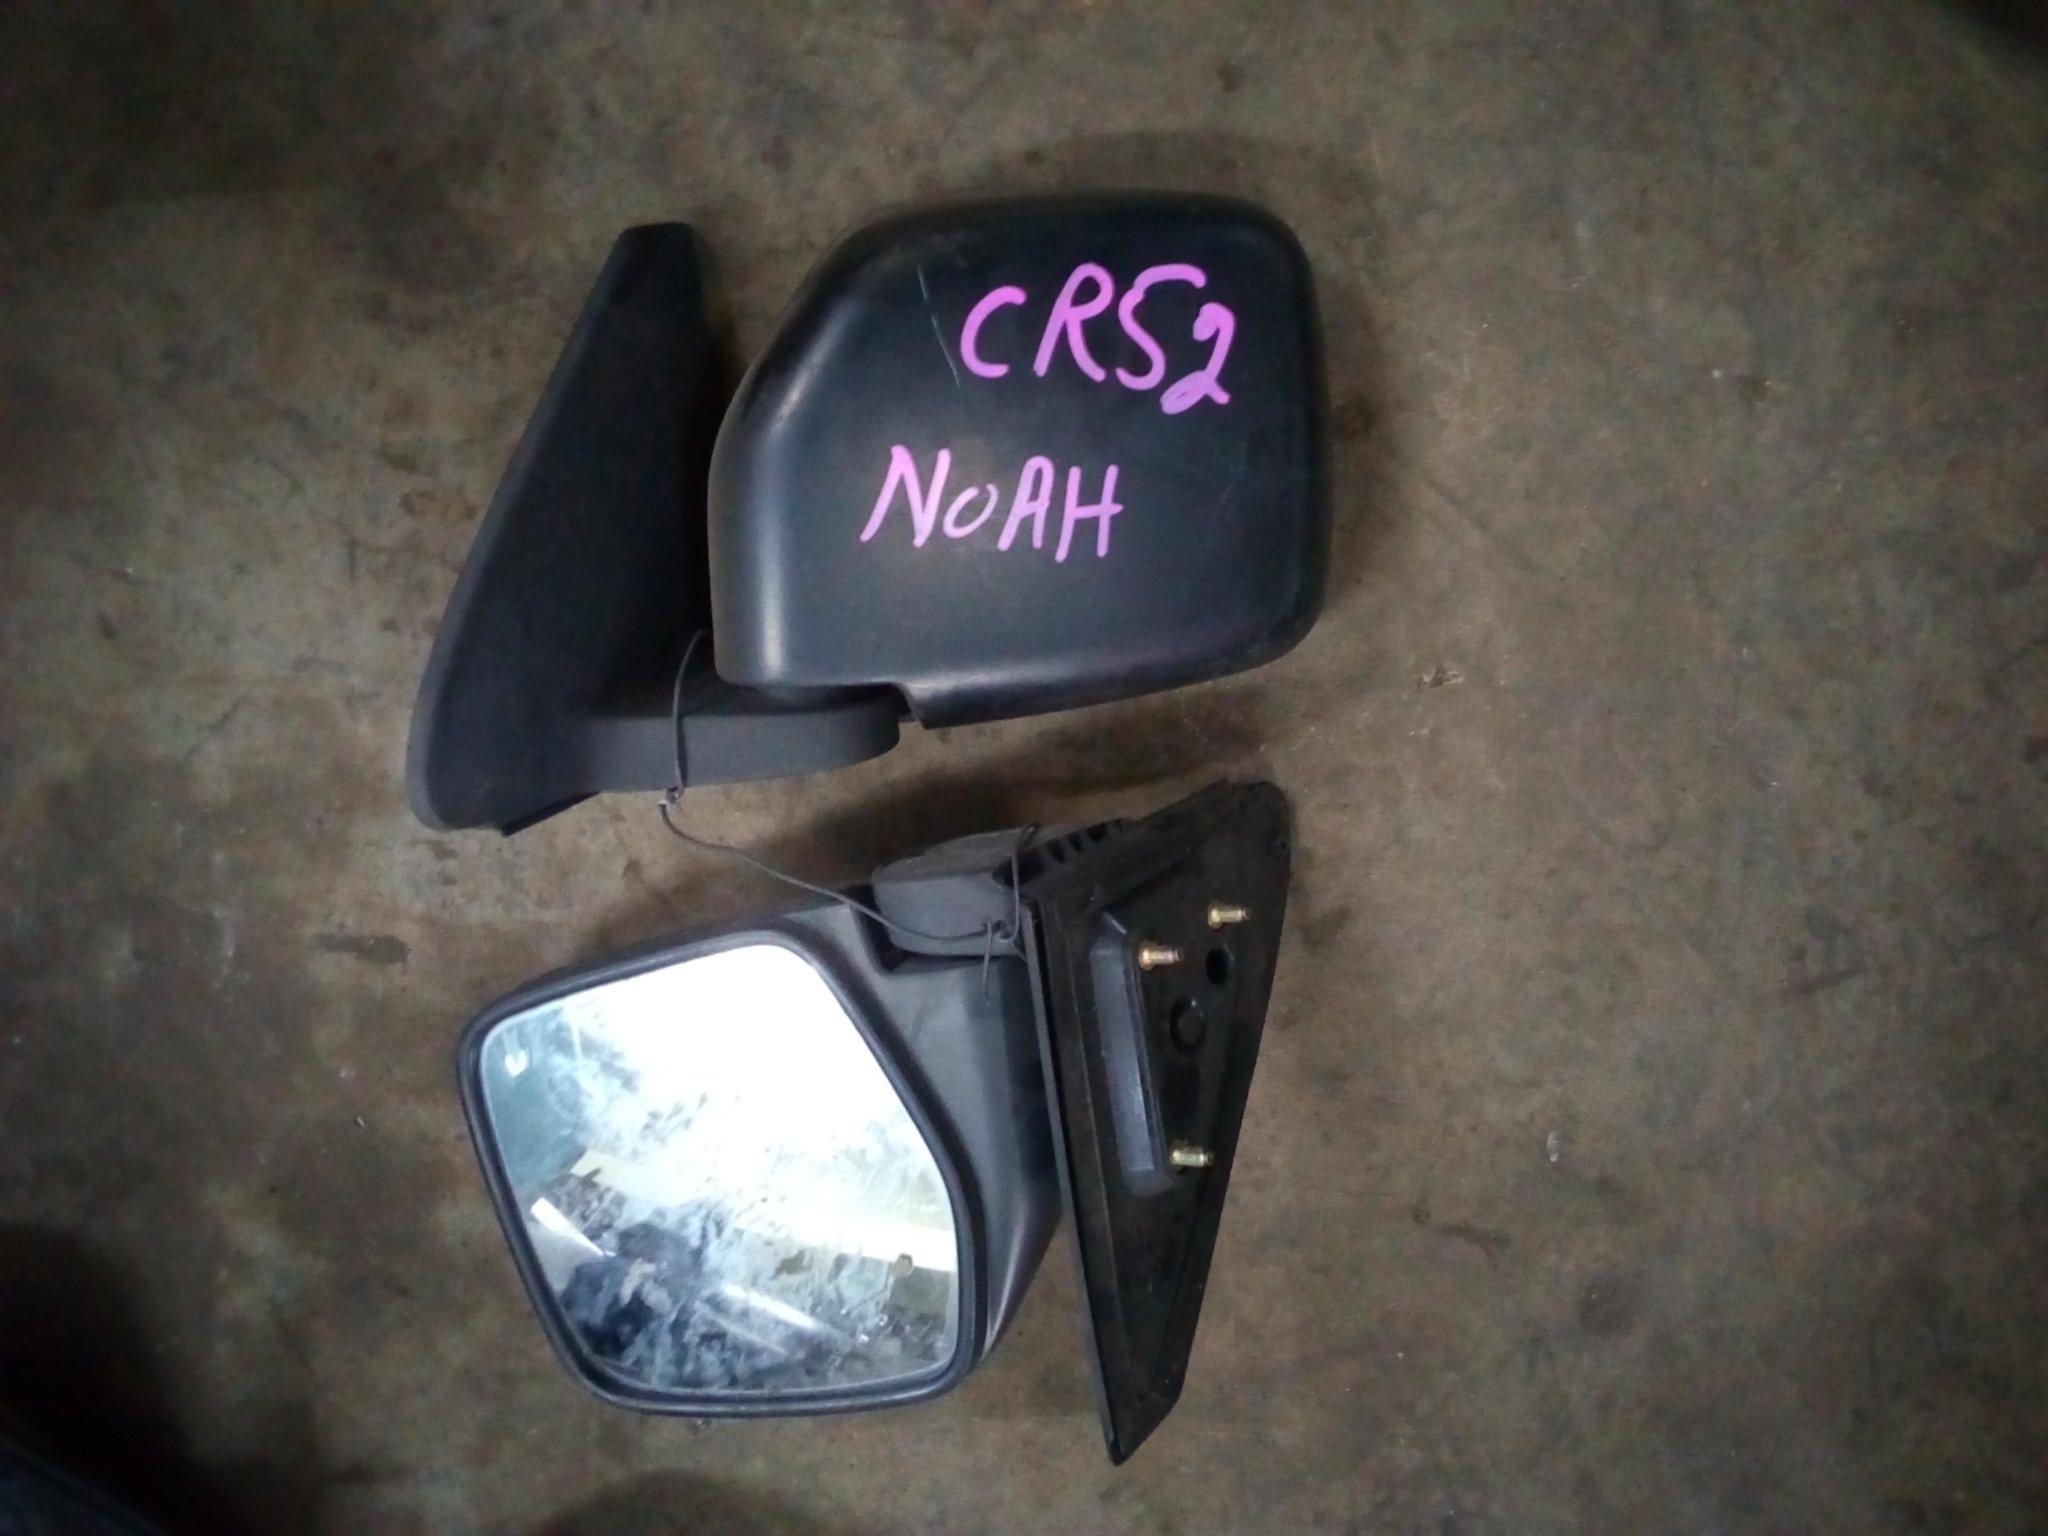 Toyota Noah CR52 side mirror alsy009